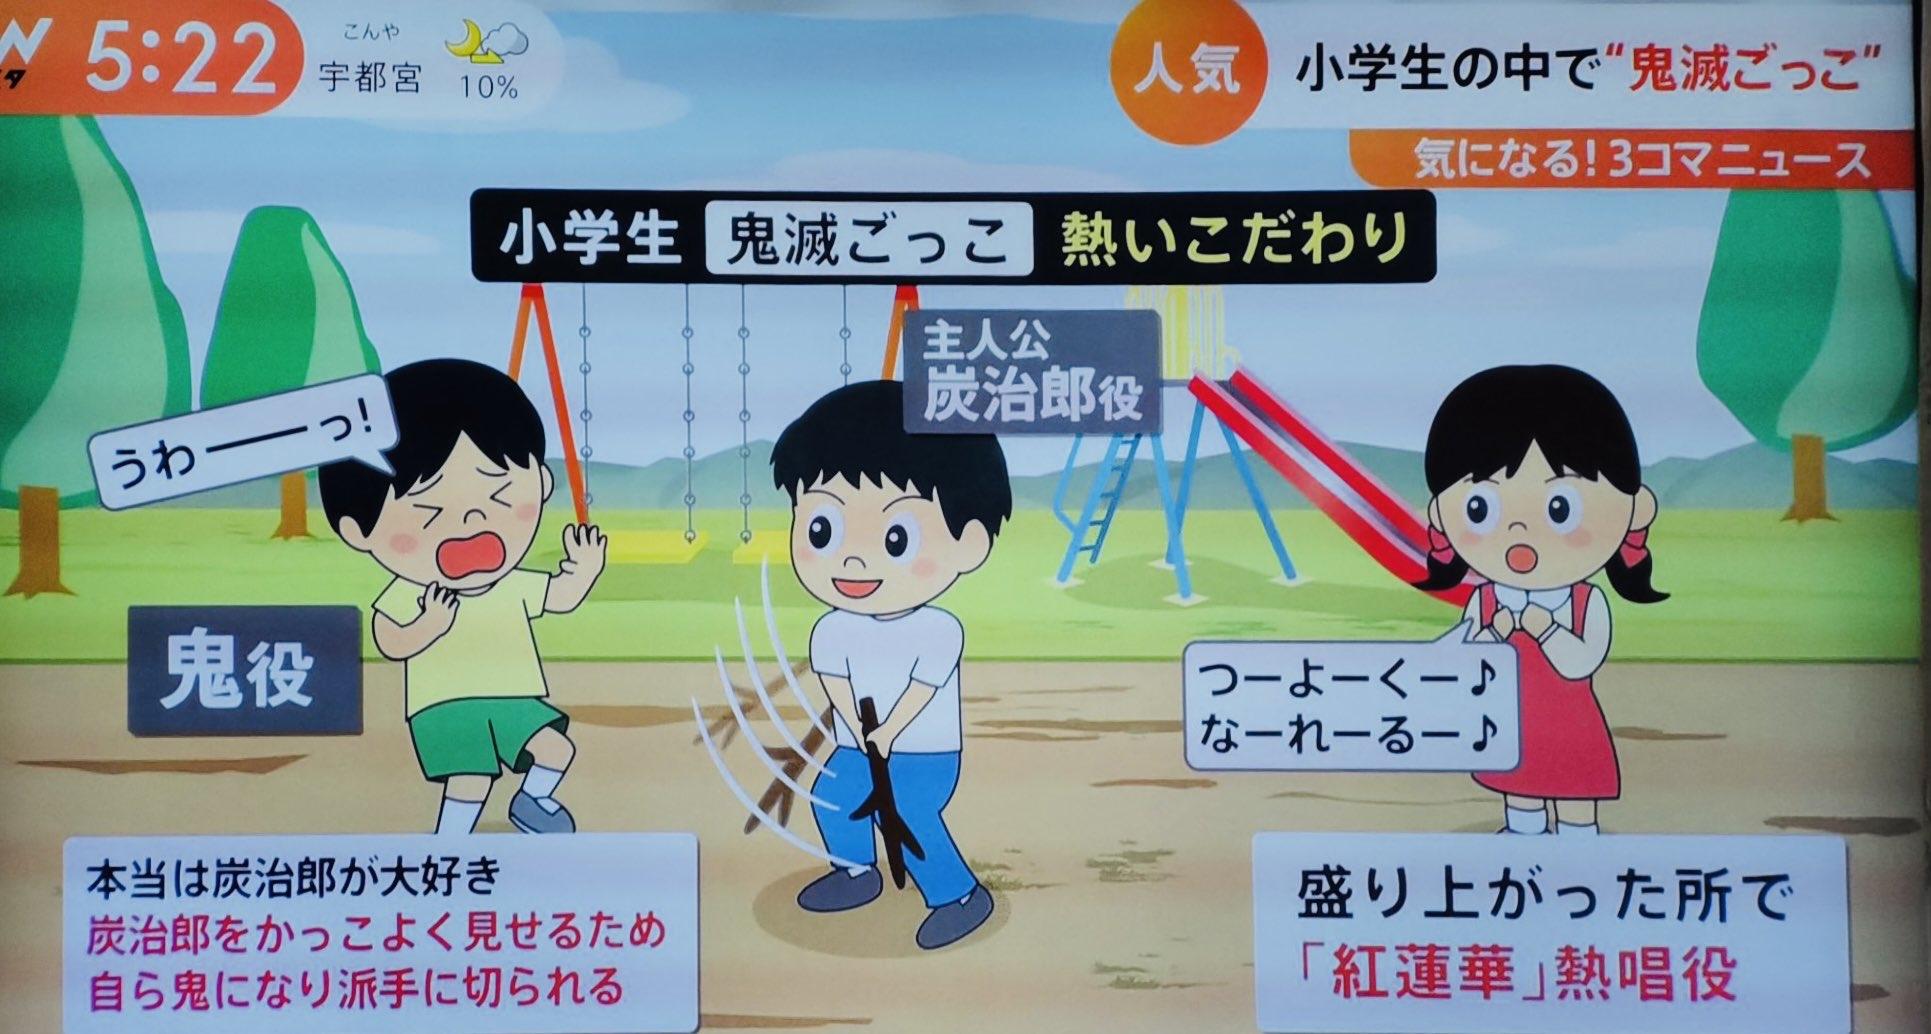 【画像】 鬼滅ごっこが小学生のブームに!鬼滅の炭治郎役、鬼役、LISA役が特に人気